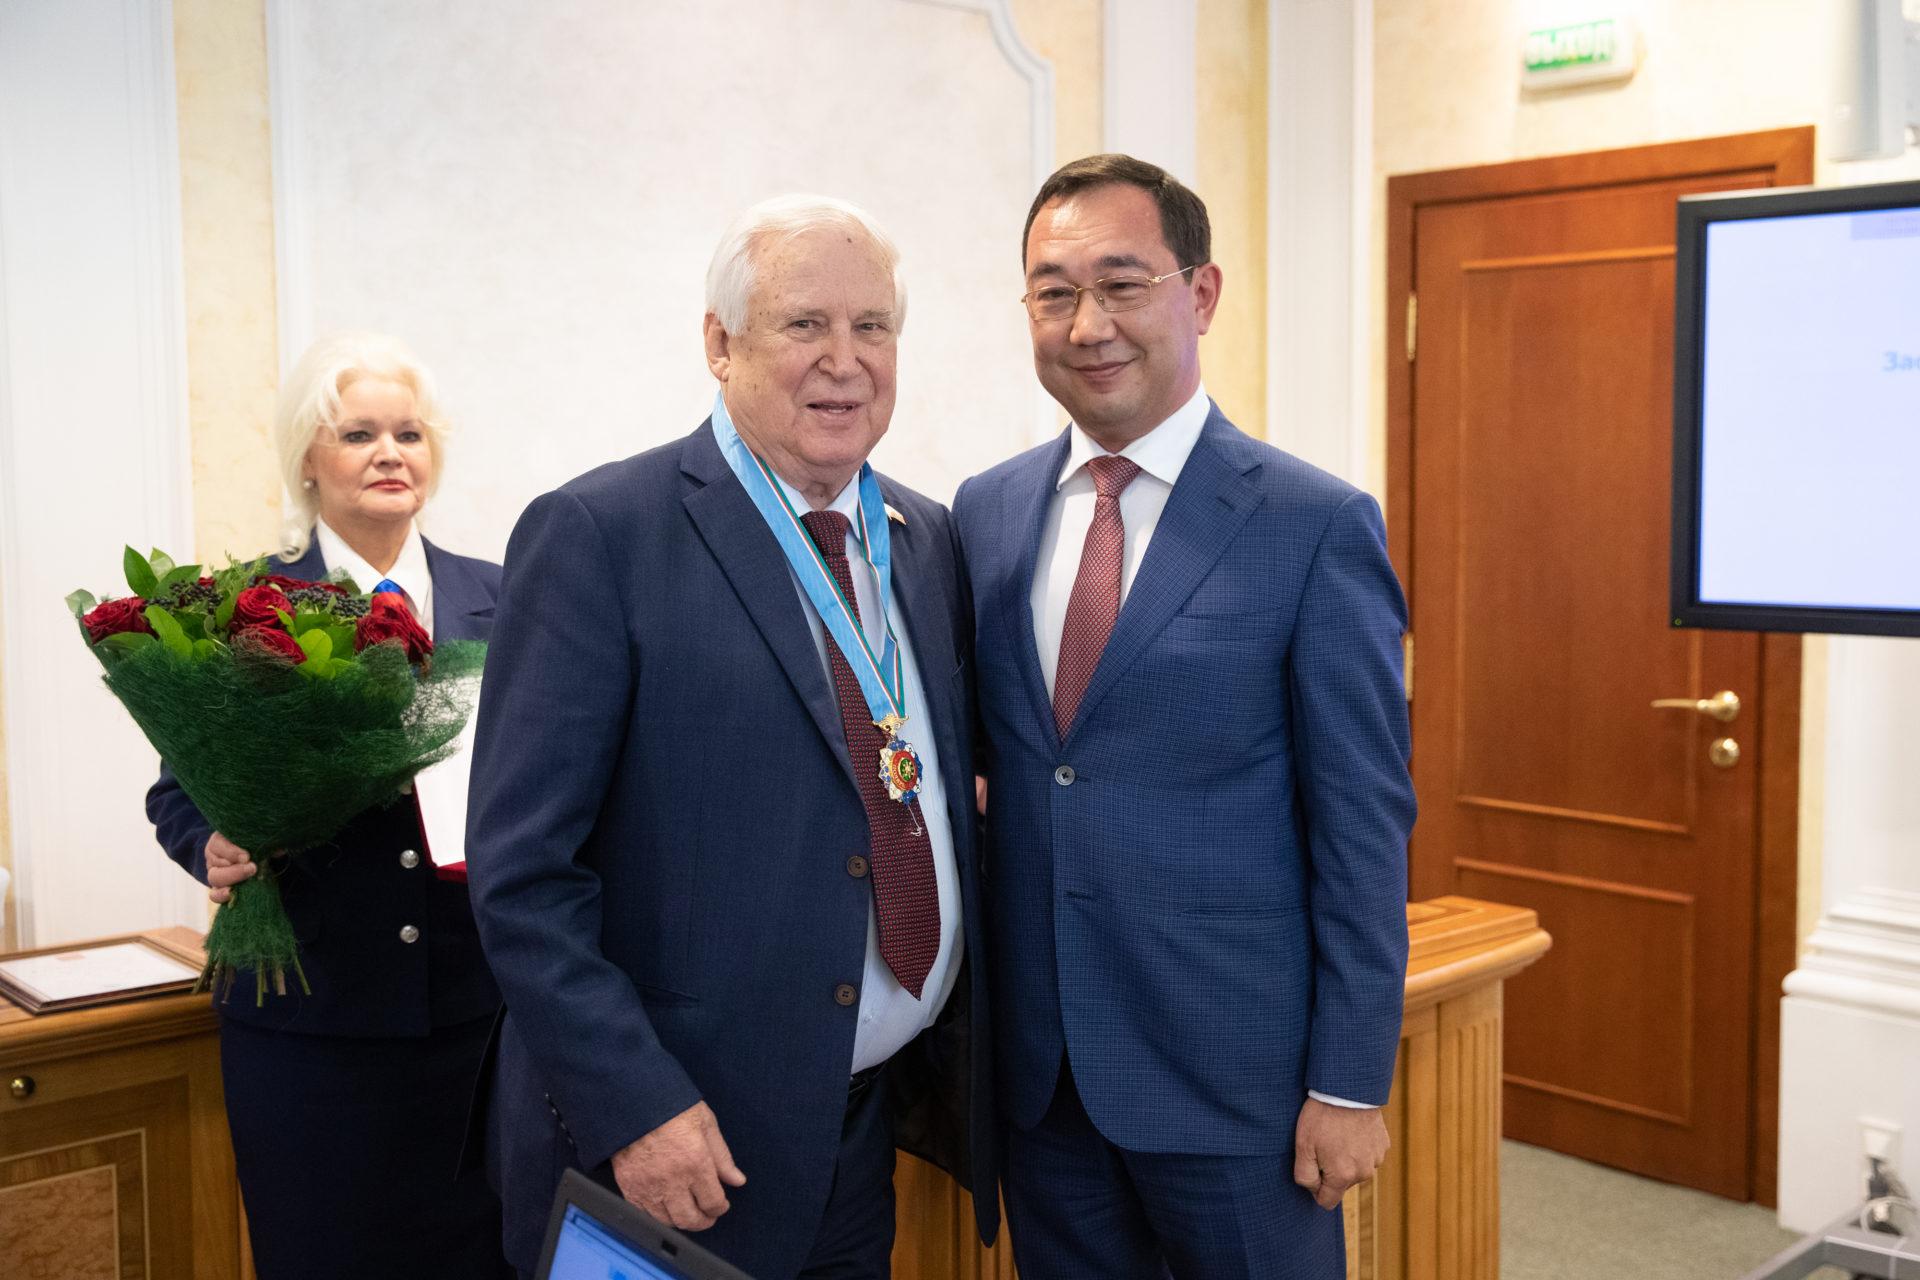 Айсен Николаев поздравил российского сенатора Николая Рыжкова с 90-летним юбилеем